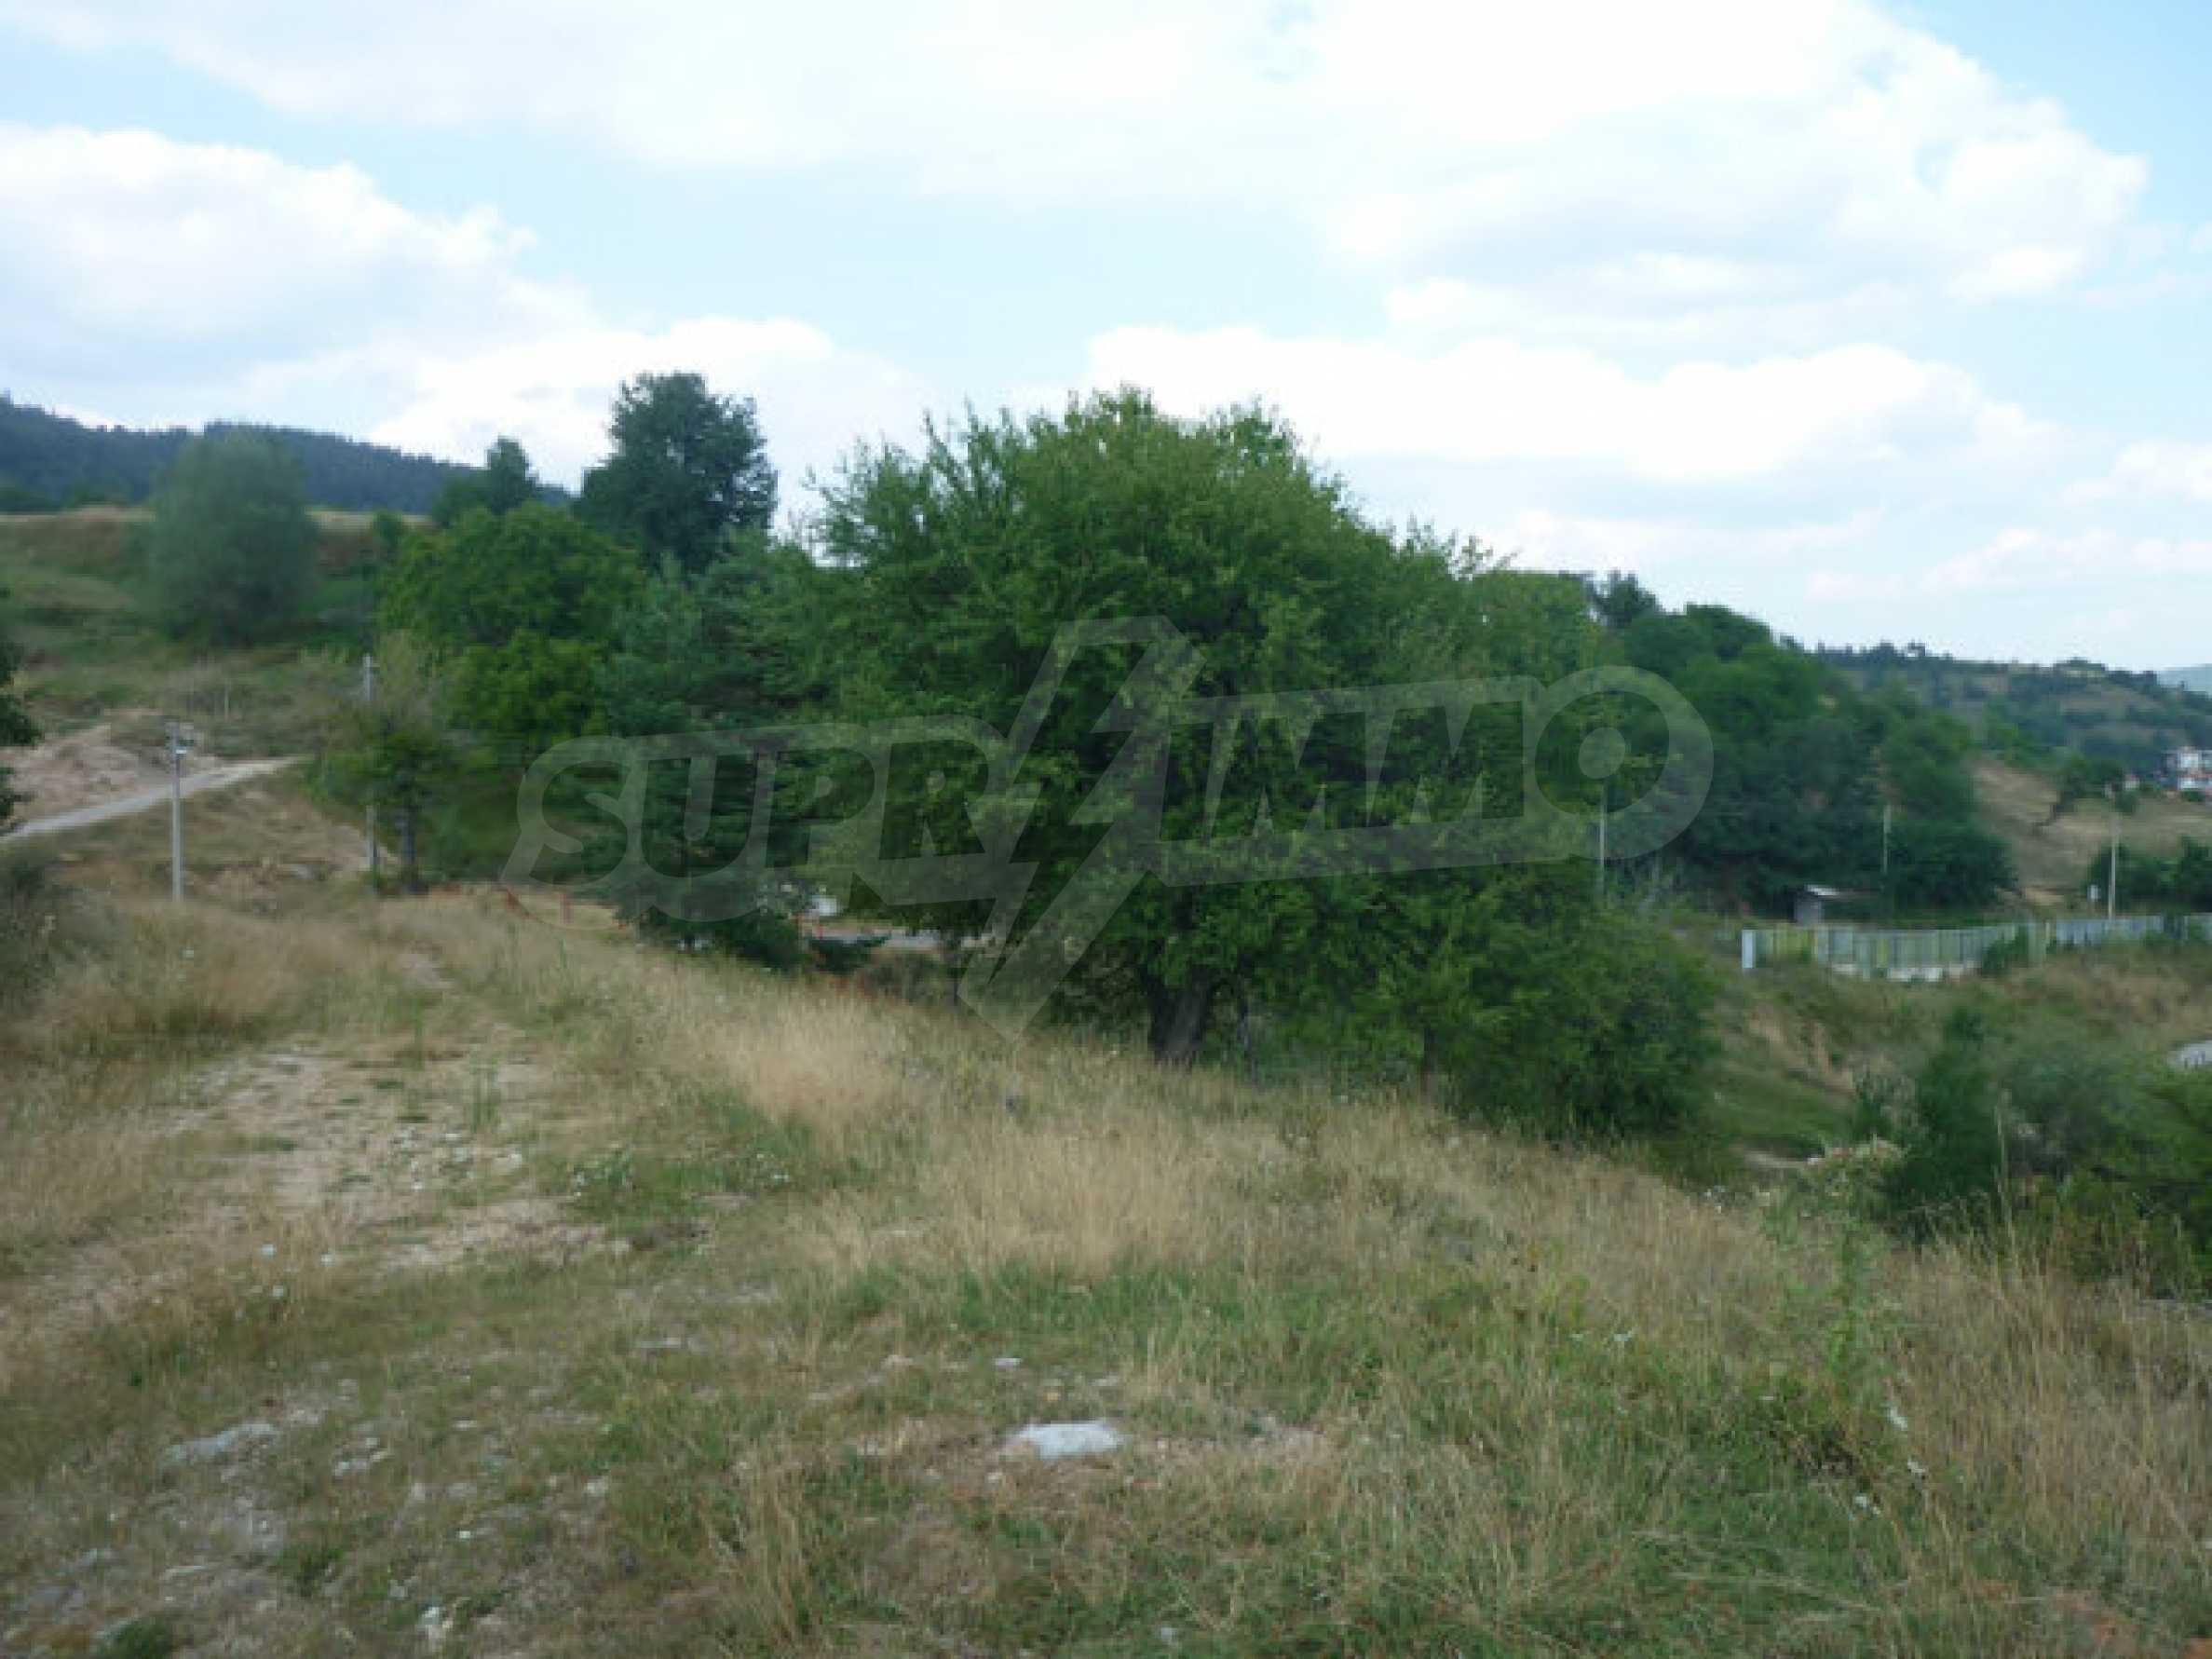 Großes reguliertes Baugrundstück 15 km vom Kurort Smolyan entfernt 6